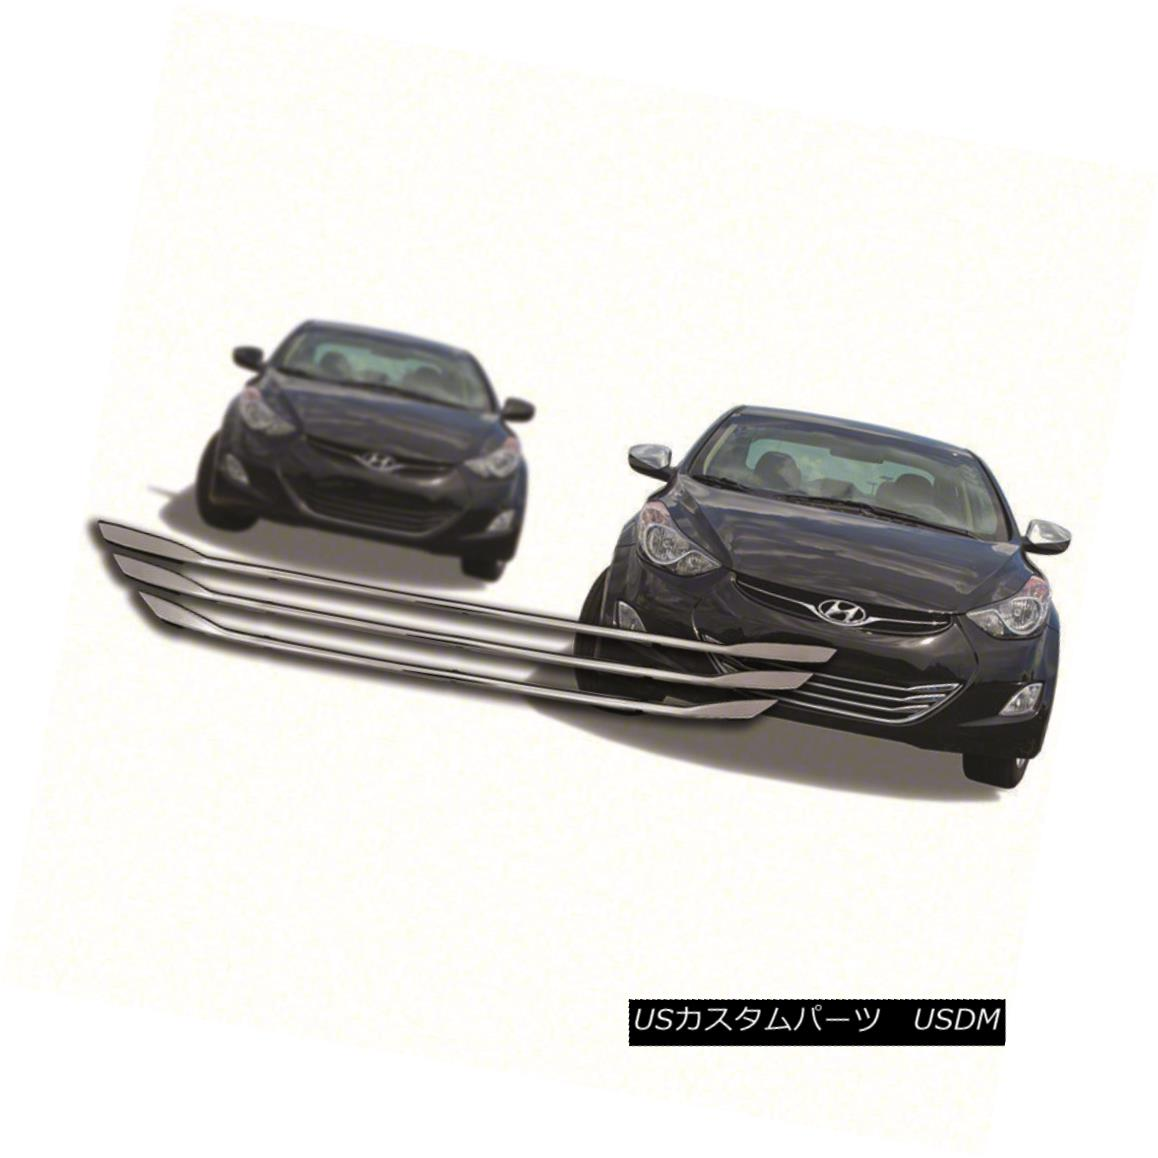 USグリル FITS 2011-2013 Hyundai Elantra-Chrome Grille Overlay IWCGI89B FITS 2011-2013 Hyundai Elantra-ChromeグリルオーバーレイIWCGI89B